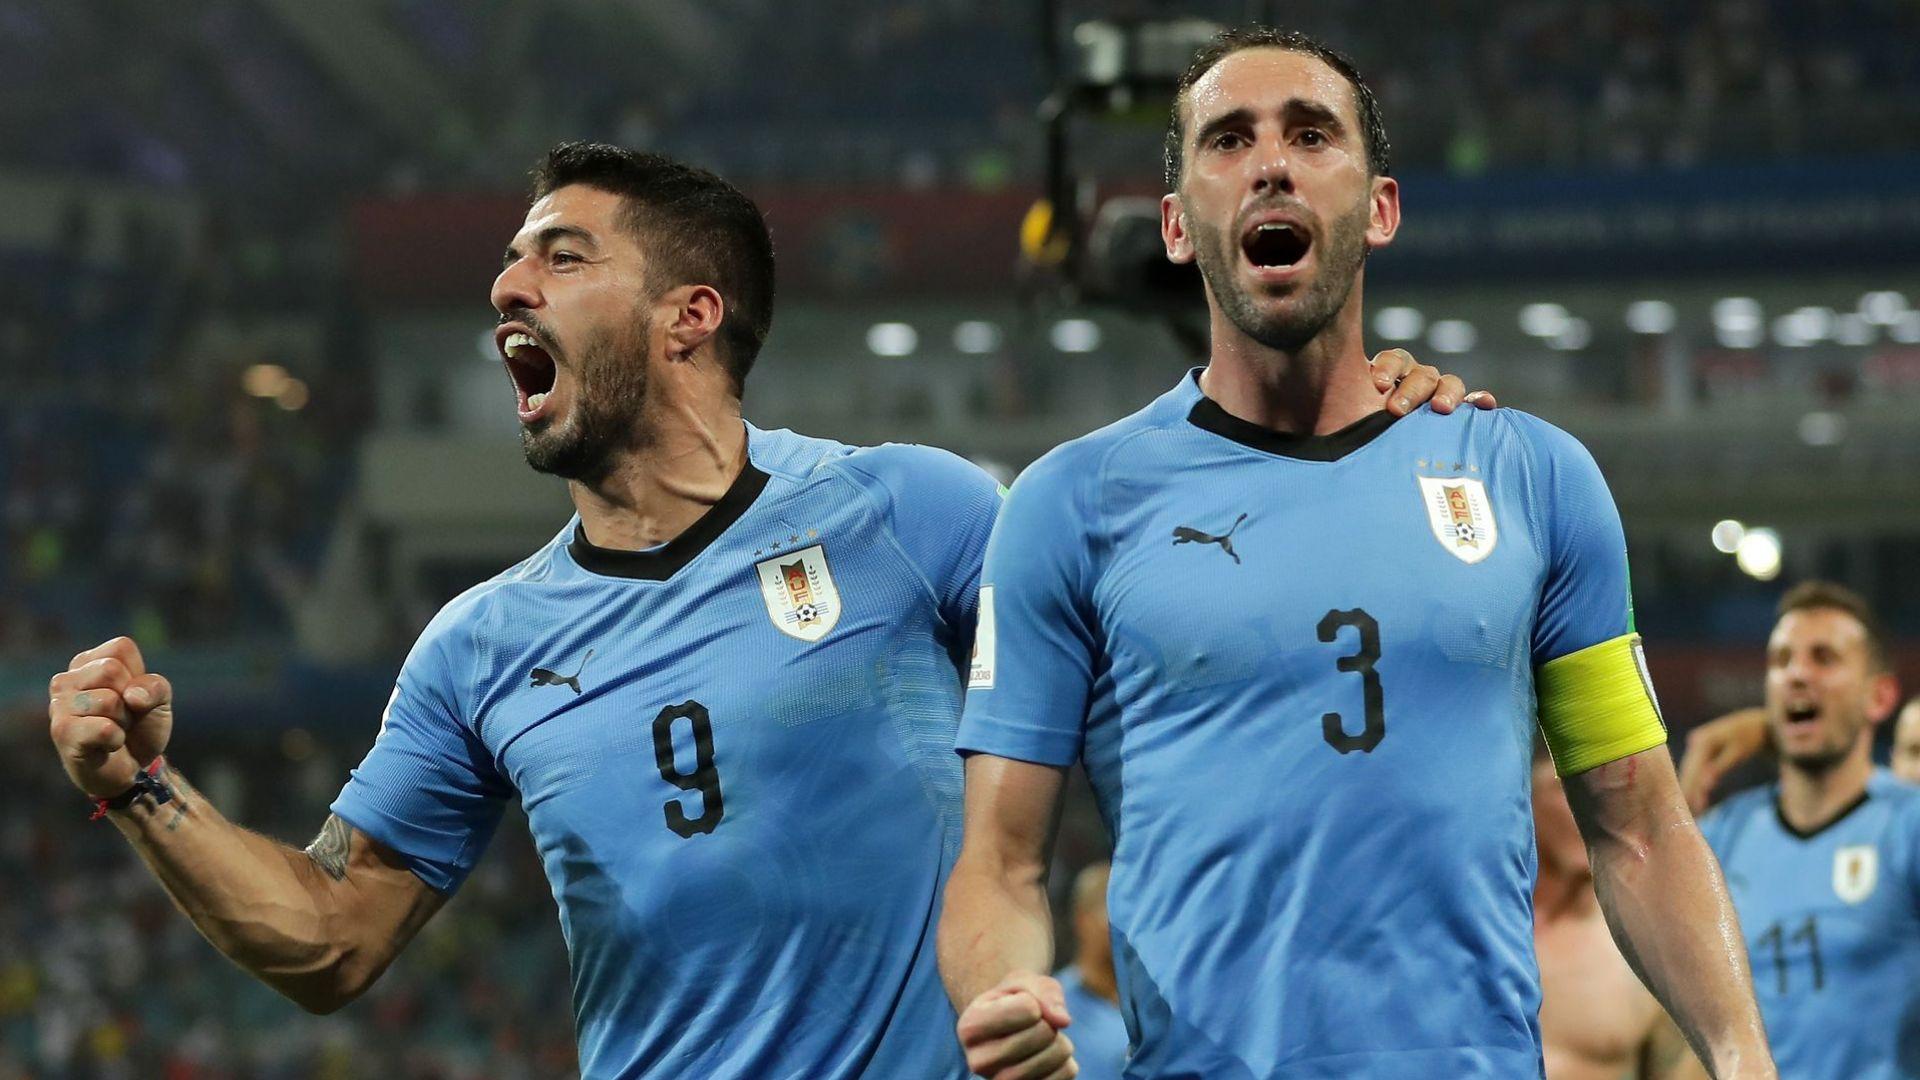 Монтевидео в екстаз: Голямото сърце на едно семейство, това е Уругвай!